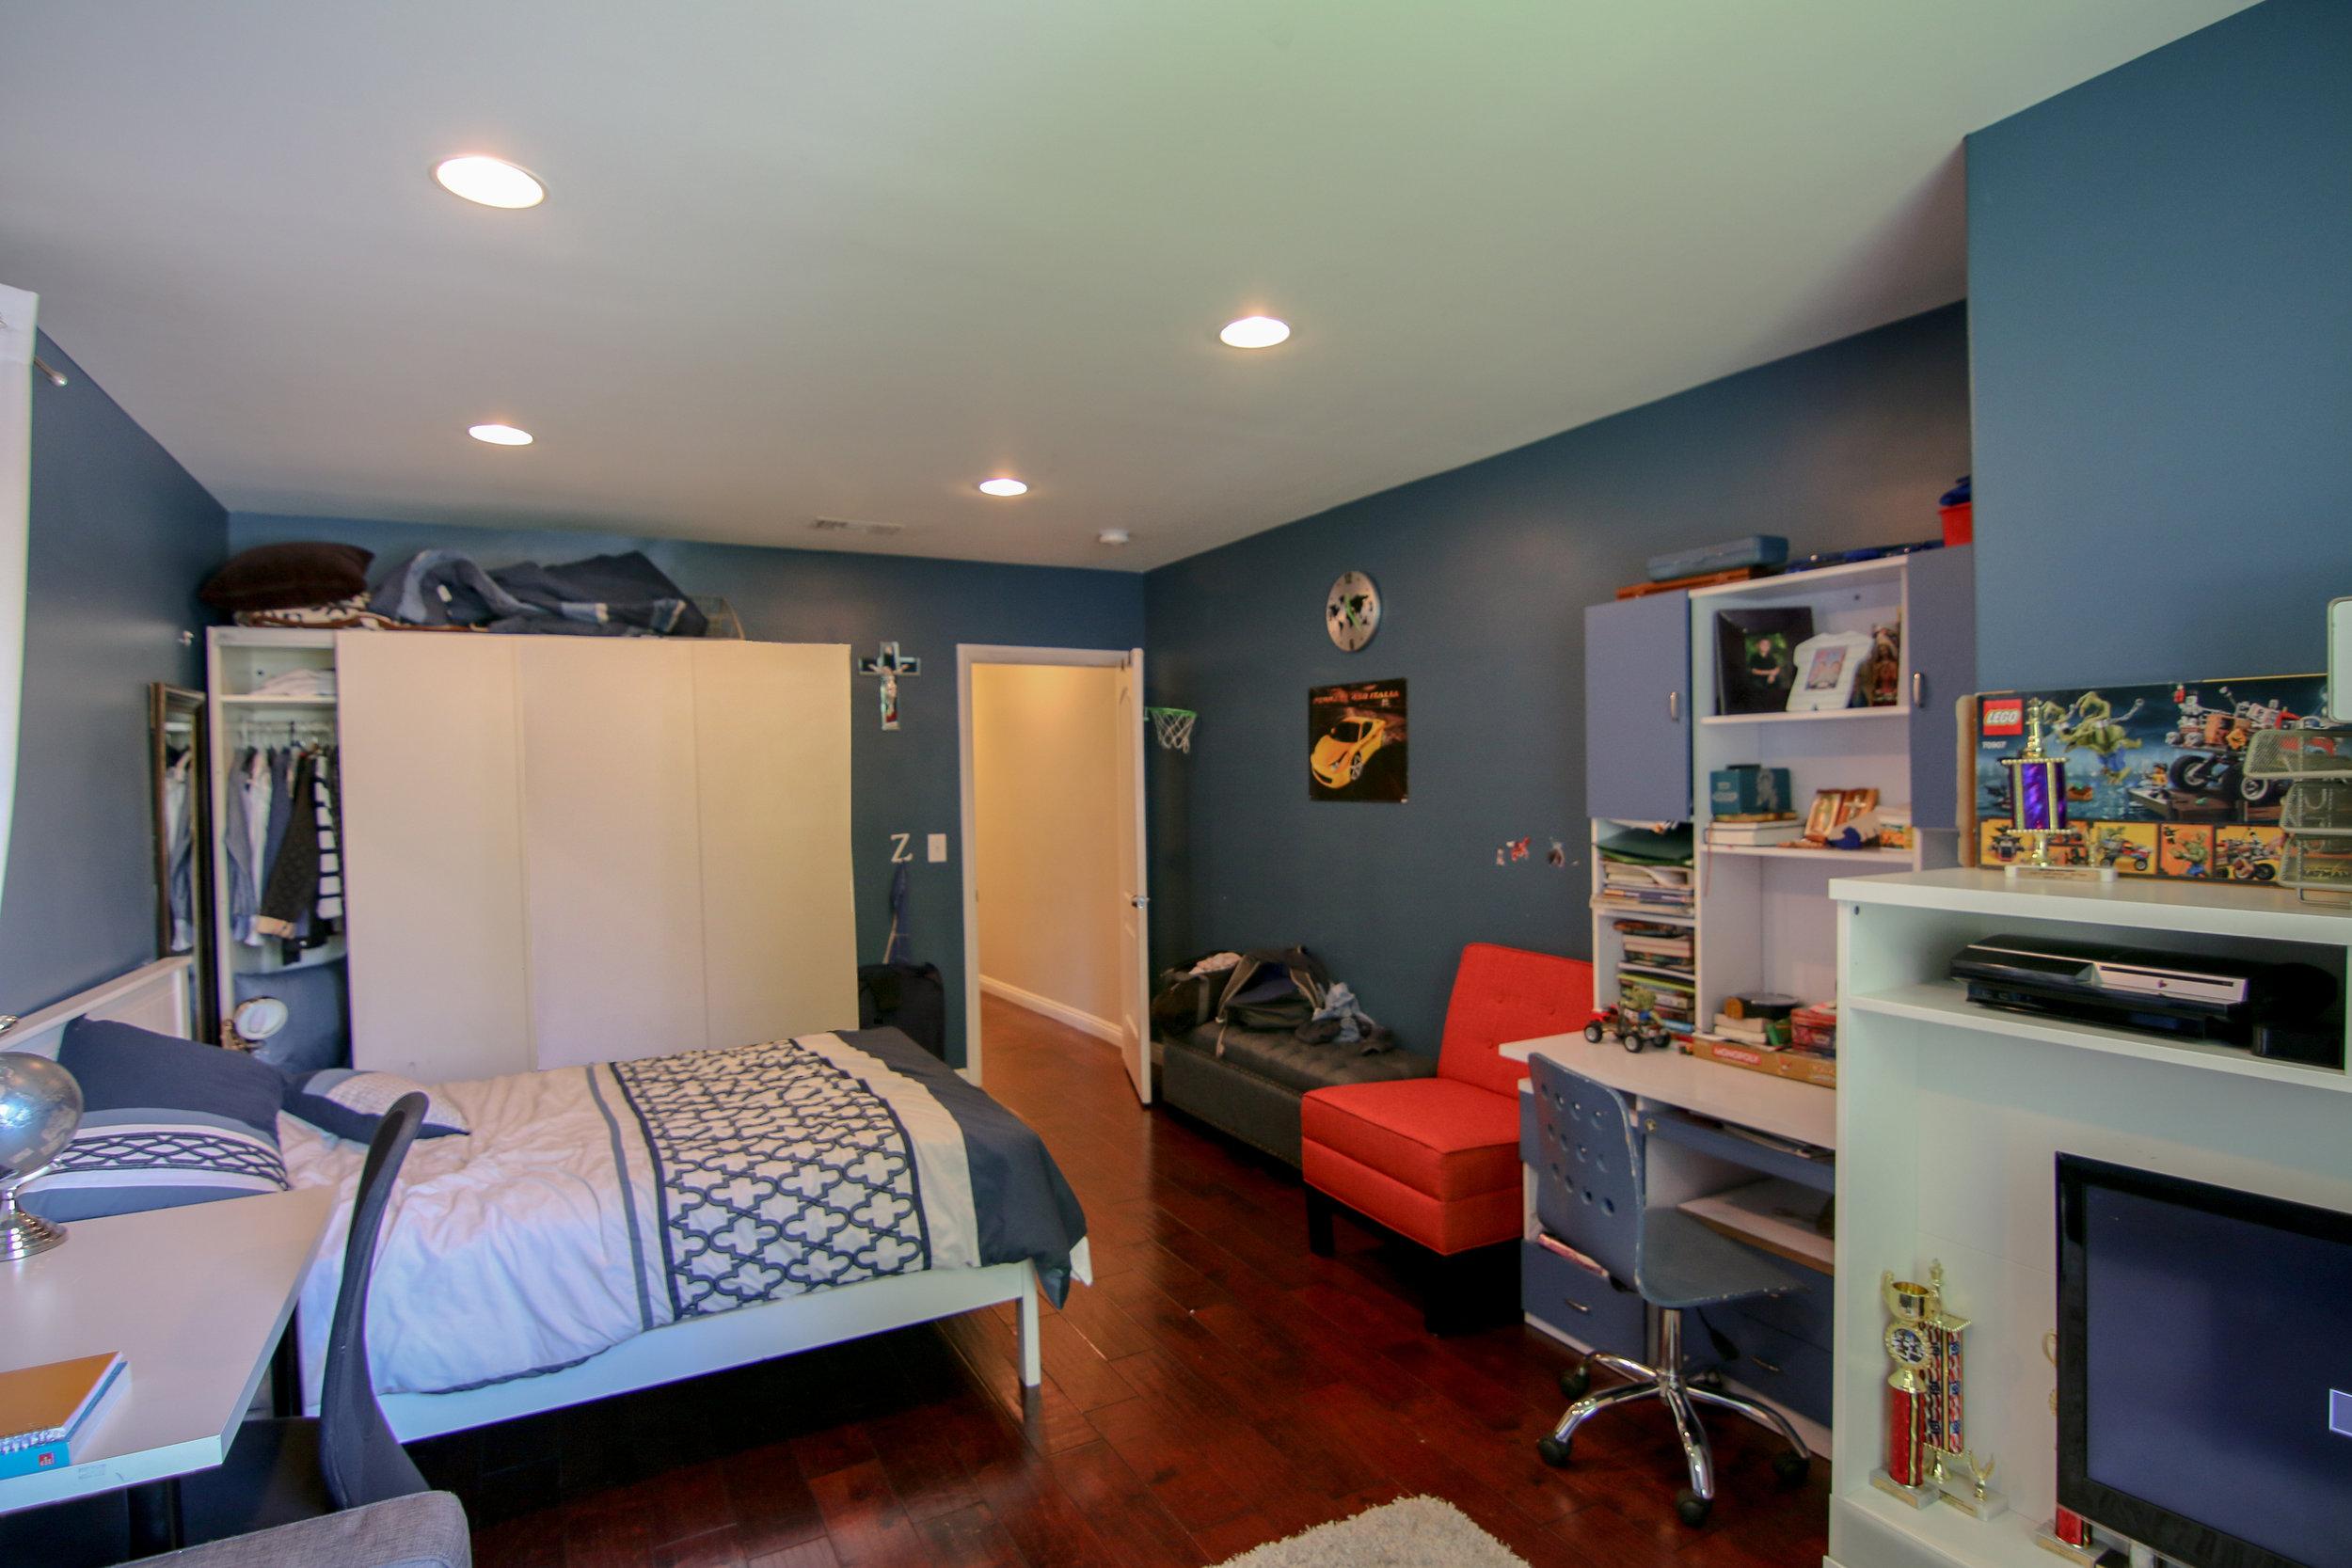 Bedroom 1 with door.jpg